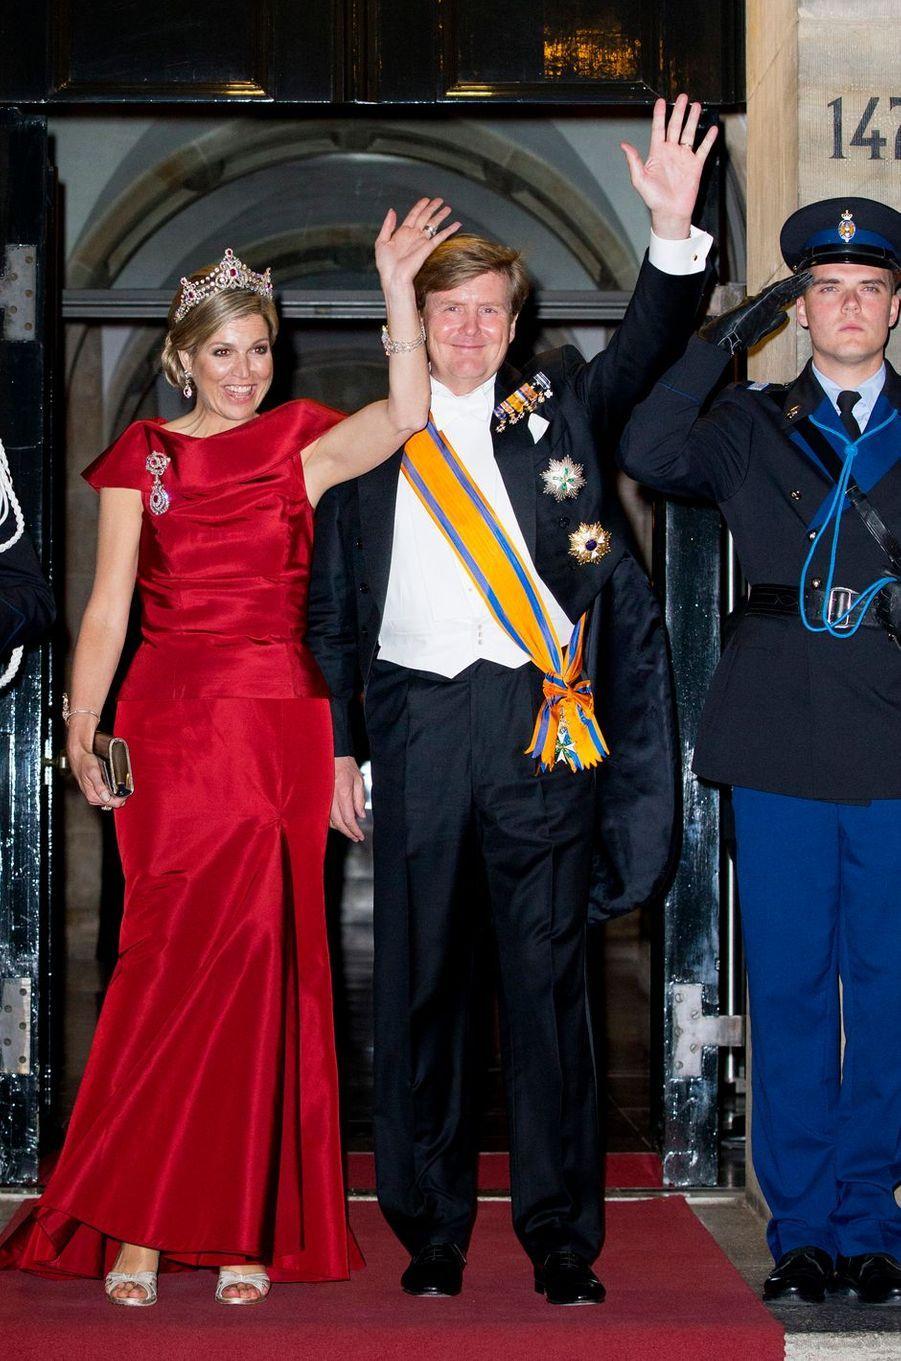 La reine Maxima et le roi Willem-Alexander des Pays-Bas à Amsterdam, le 19 mai 2016